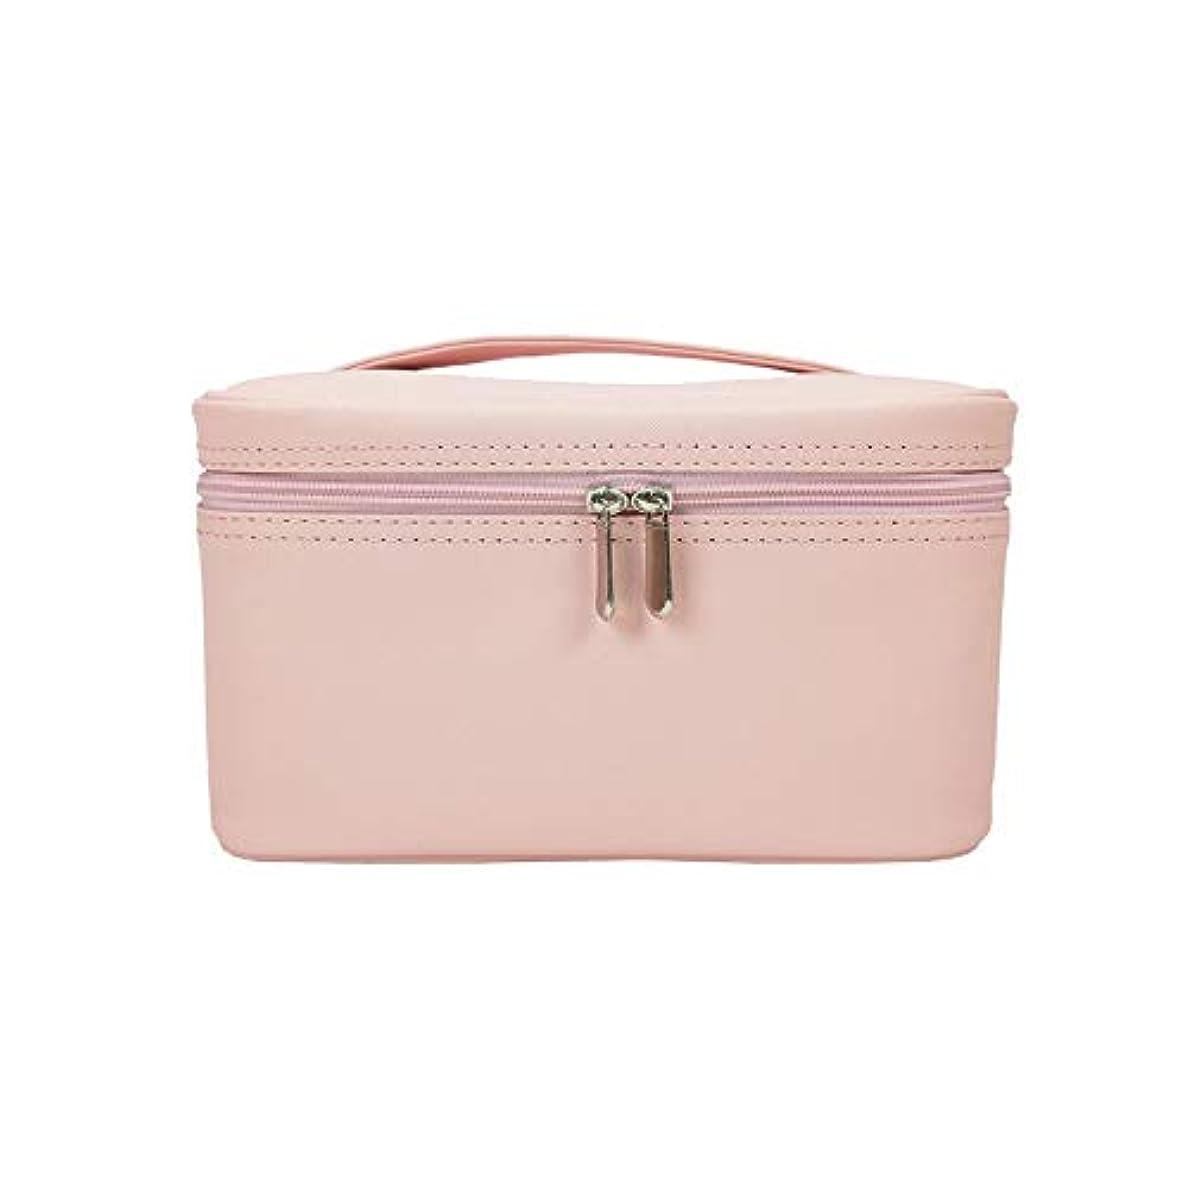 動機付ける炭素石炭特大スペース収納ビューティーボックス 女の子の女性旅行のための新しく、実用的な携帯用化粧箱およびロックおよび皿が付いている毎日の貯蔵 化粧品化粧台 (色 : ピンク)